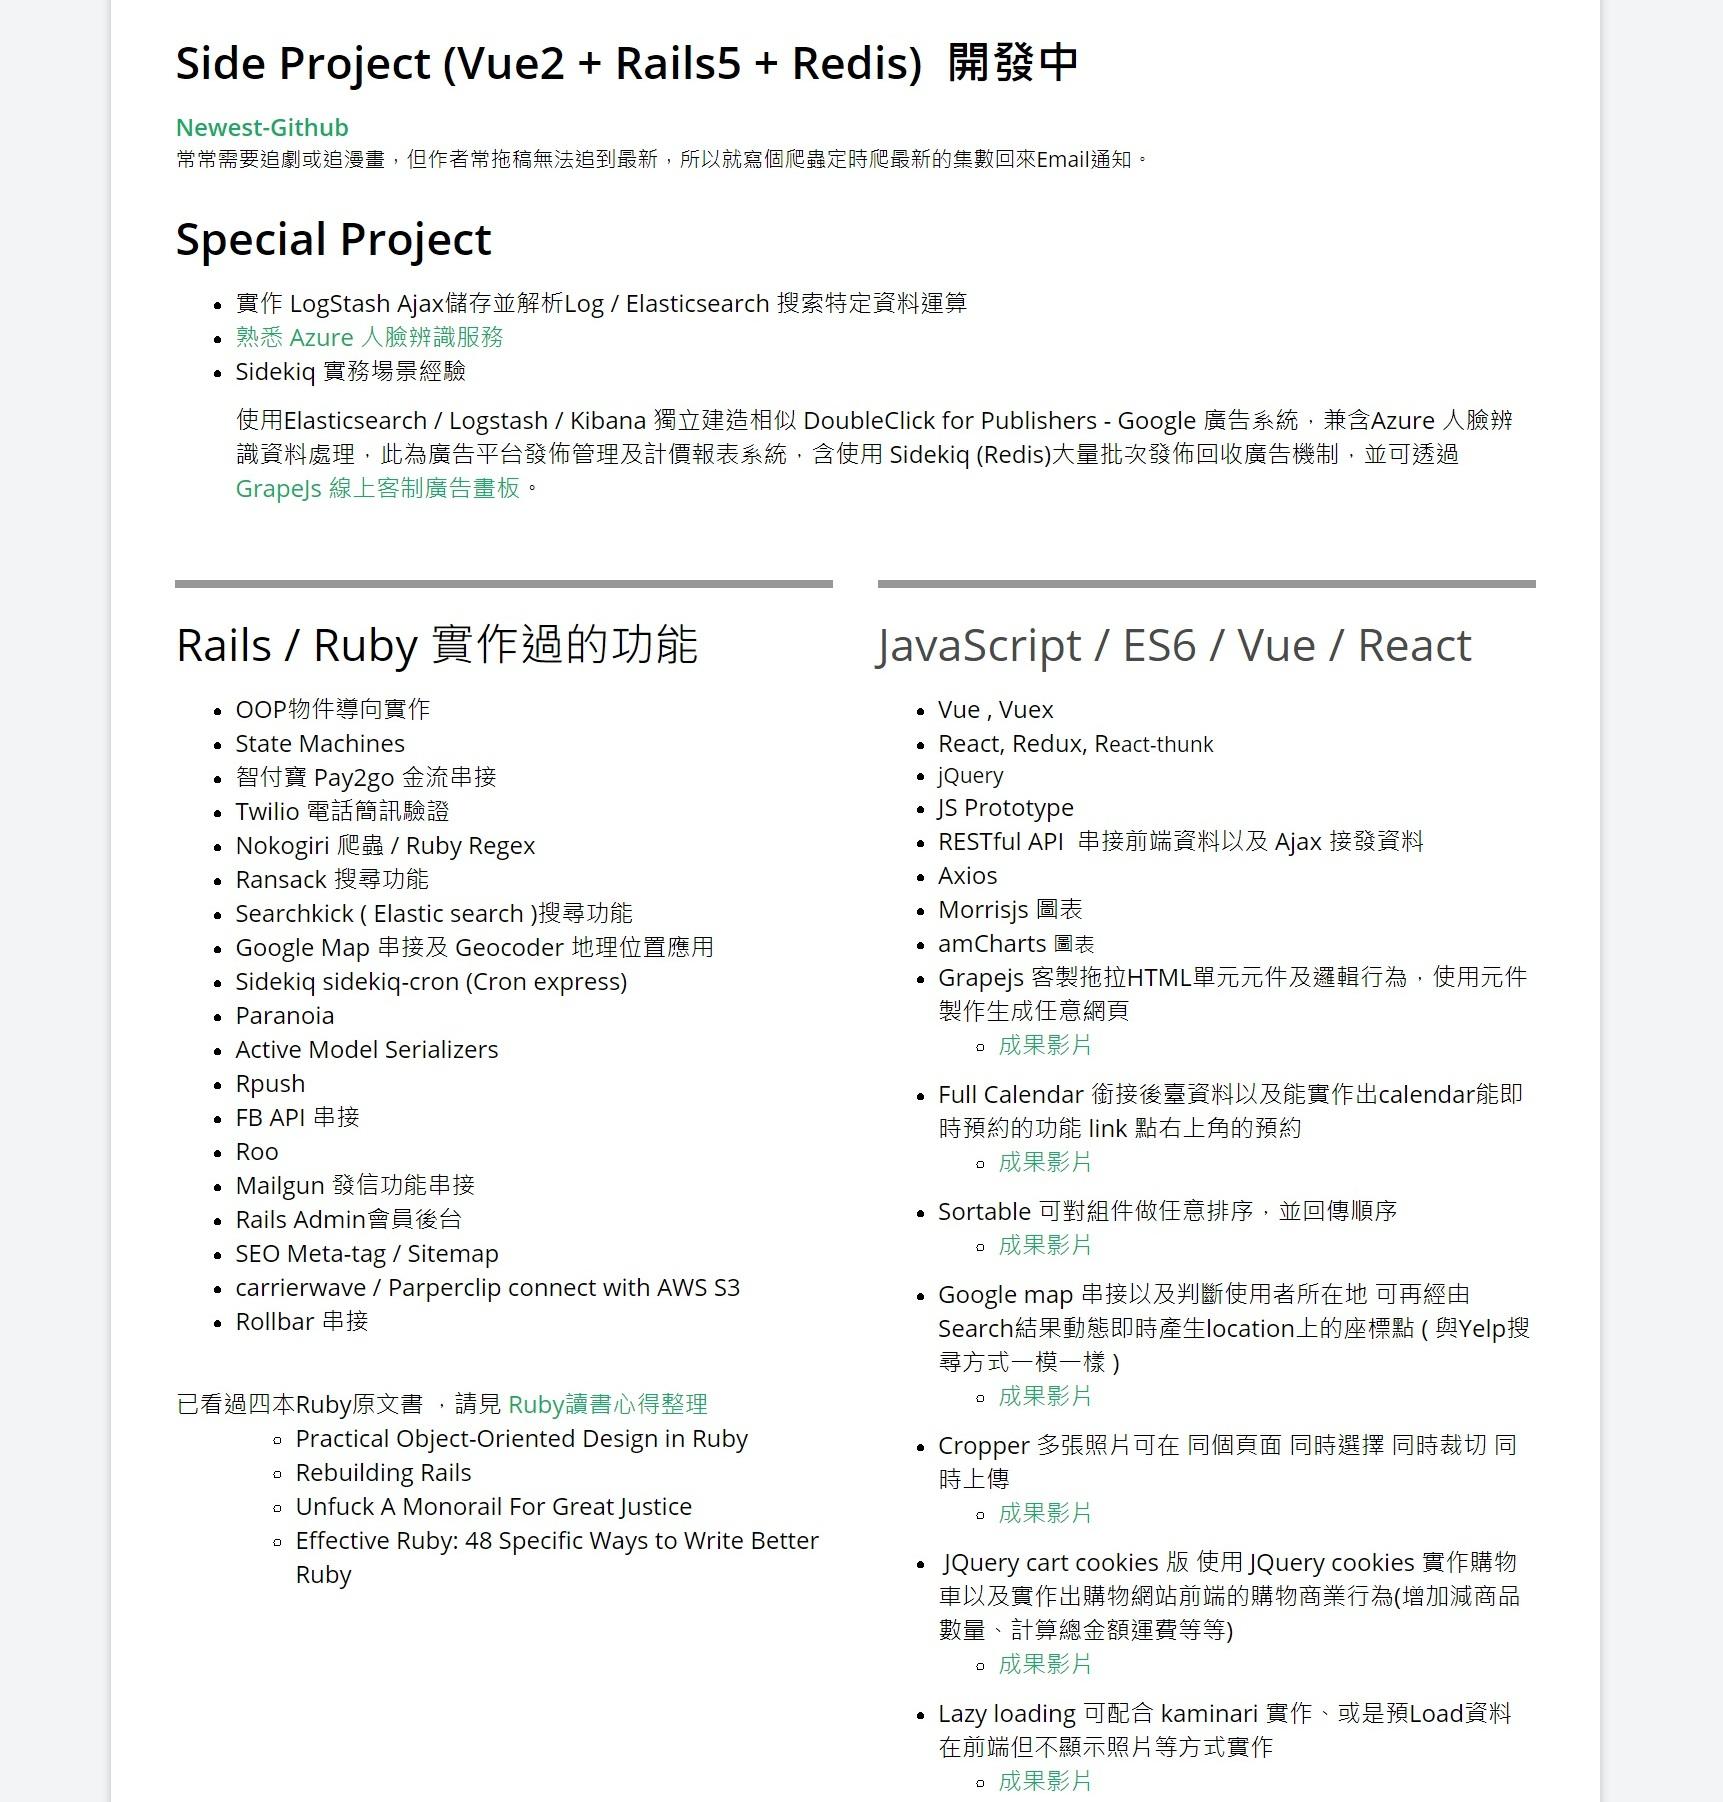 工程師履歷連結: https://www.cakeresume.com/5x-ruby